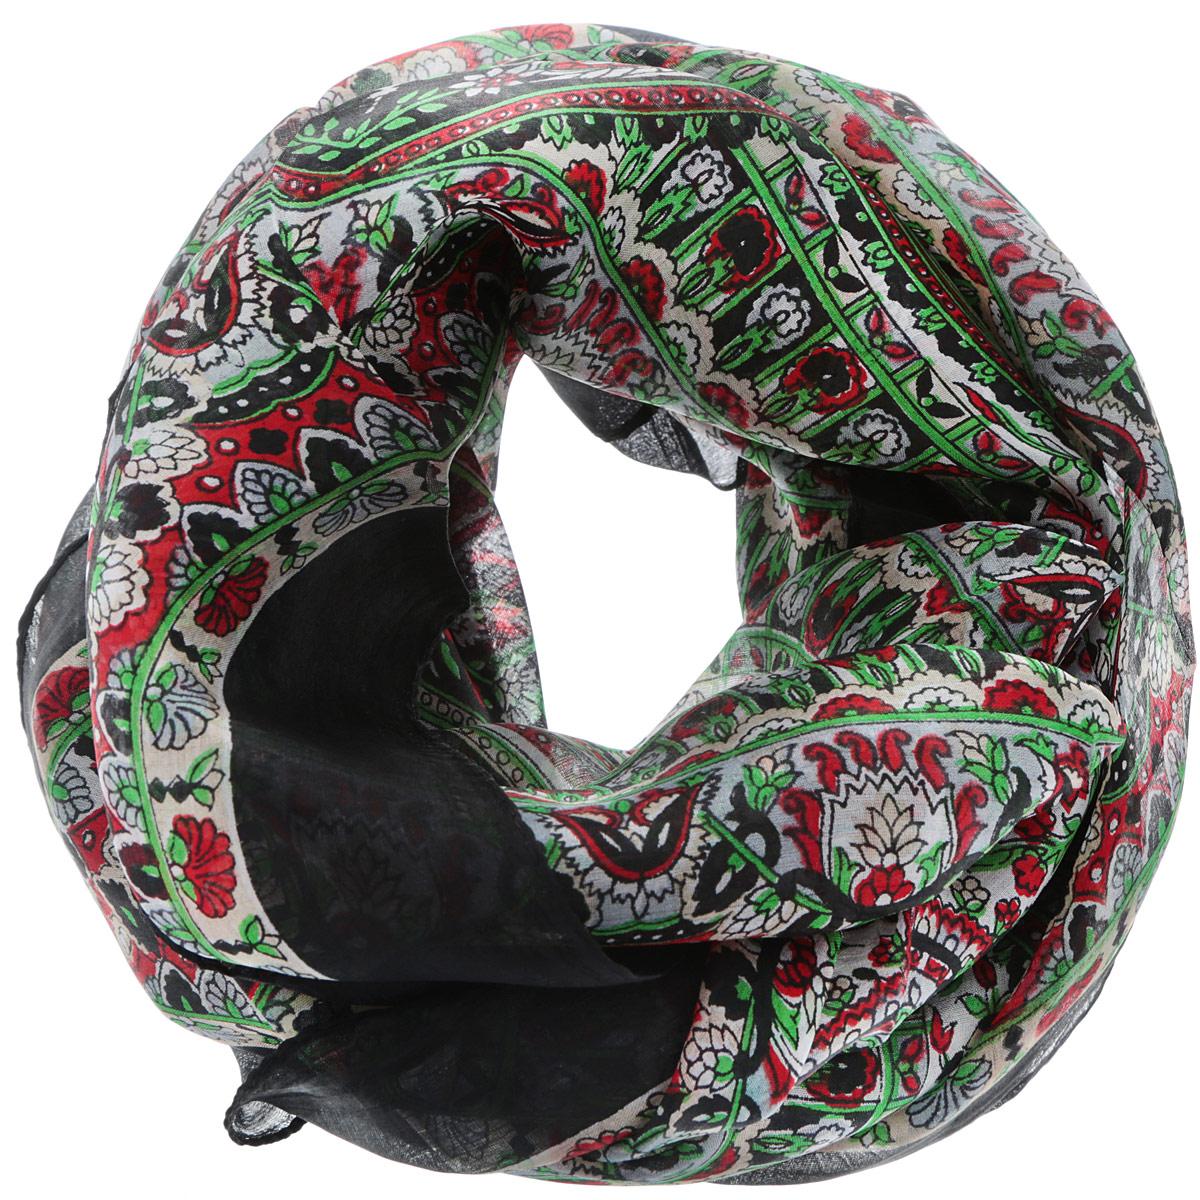 Платок560135нСтильный женский платок Ethnica станет великолепным завершением любого наряда. Платок изготовлен из 100% шелка с использованием натуральных красителей, оформлен оригинальным орнаментом. Классическая квадратная форма позволяет носить платок на шее, украшать им прическу или декорировать сумочку. Такой платок превосходно дополнит любой наряд и подчеркнет ваш неповторимый вкус и элегантность.